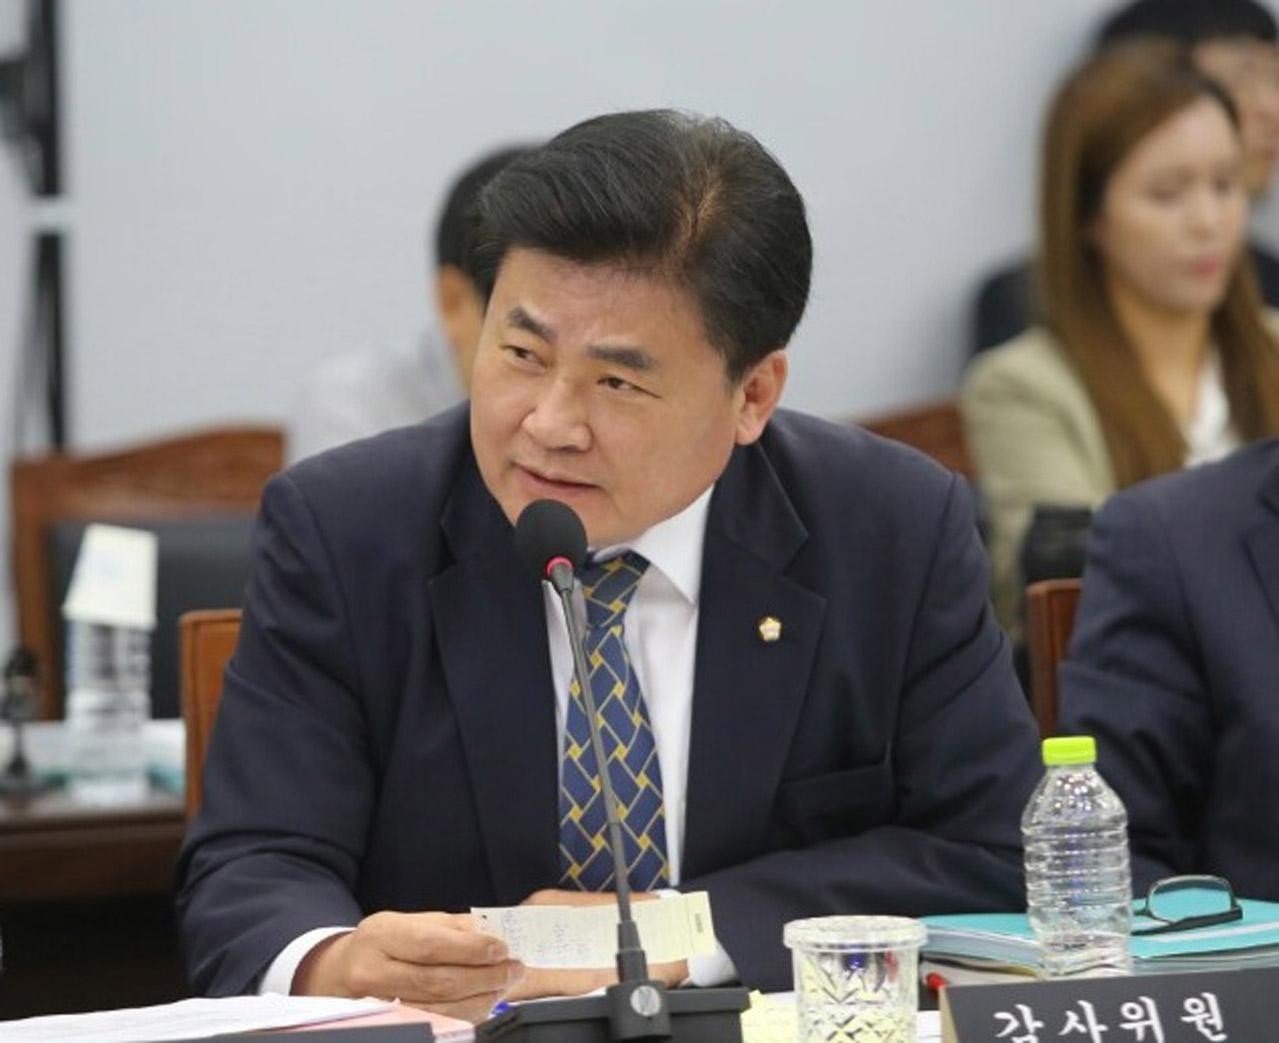 소병훈 국회의원